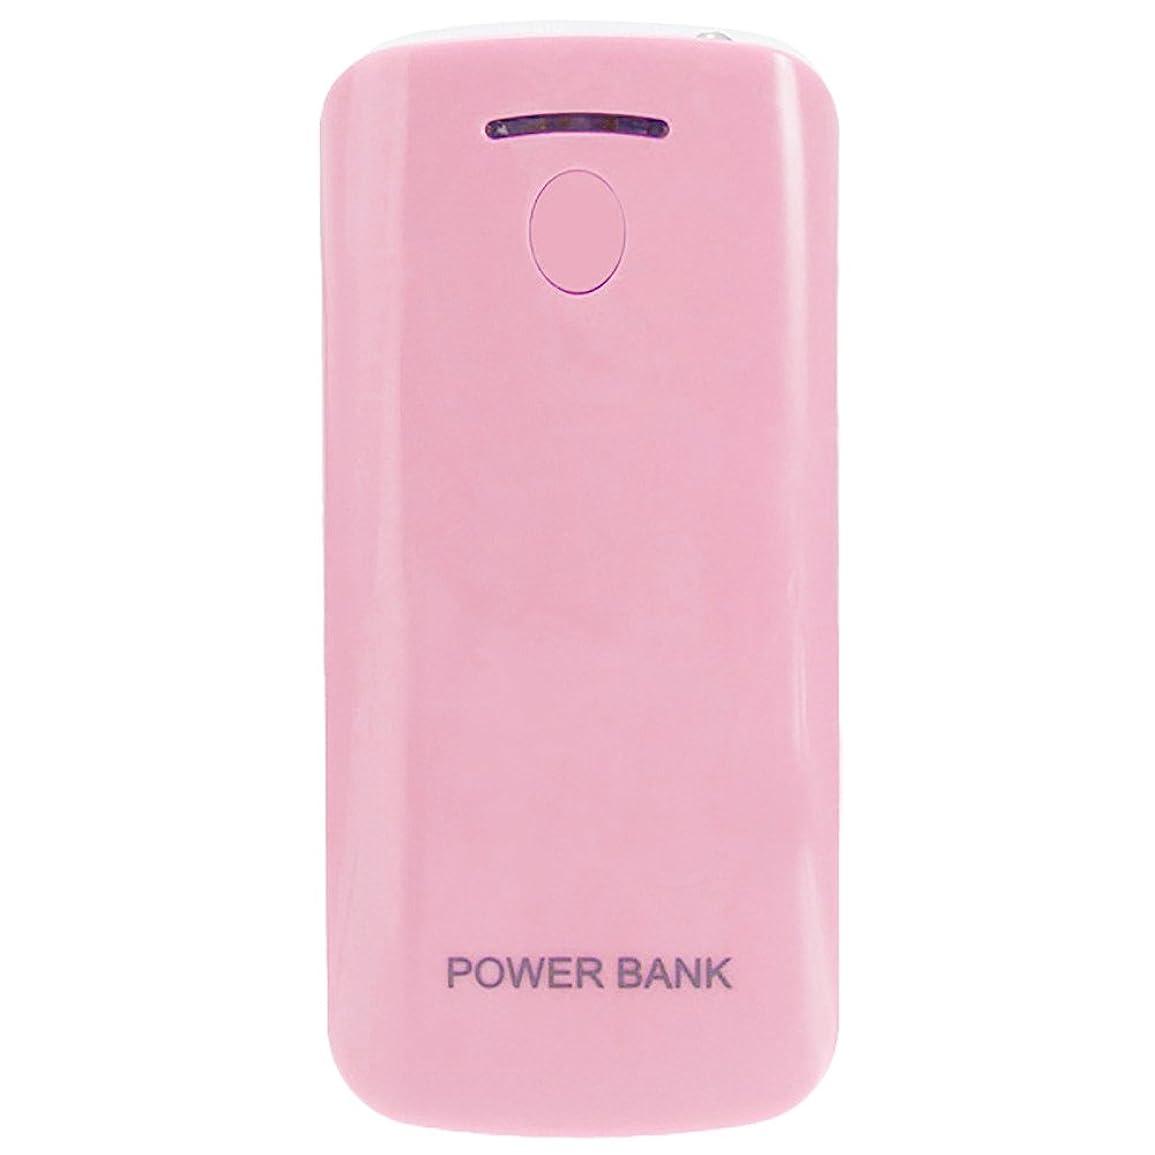 もろい耳なめらかなミニポータブルパワーバンクシェル 充電式電池 外付けバッテリー リチウム電池 バッテリーバックアップ (ピンク)